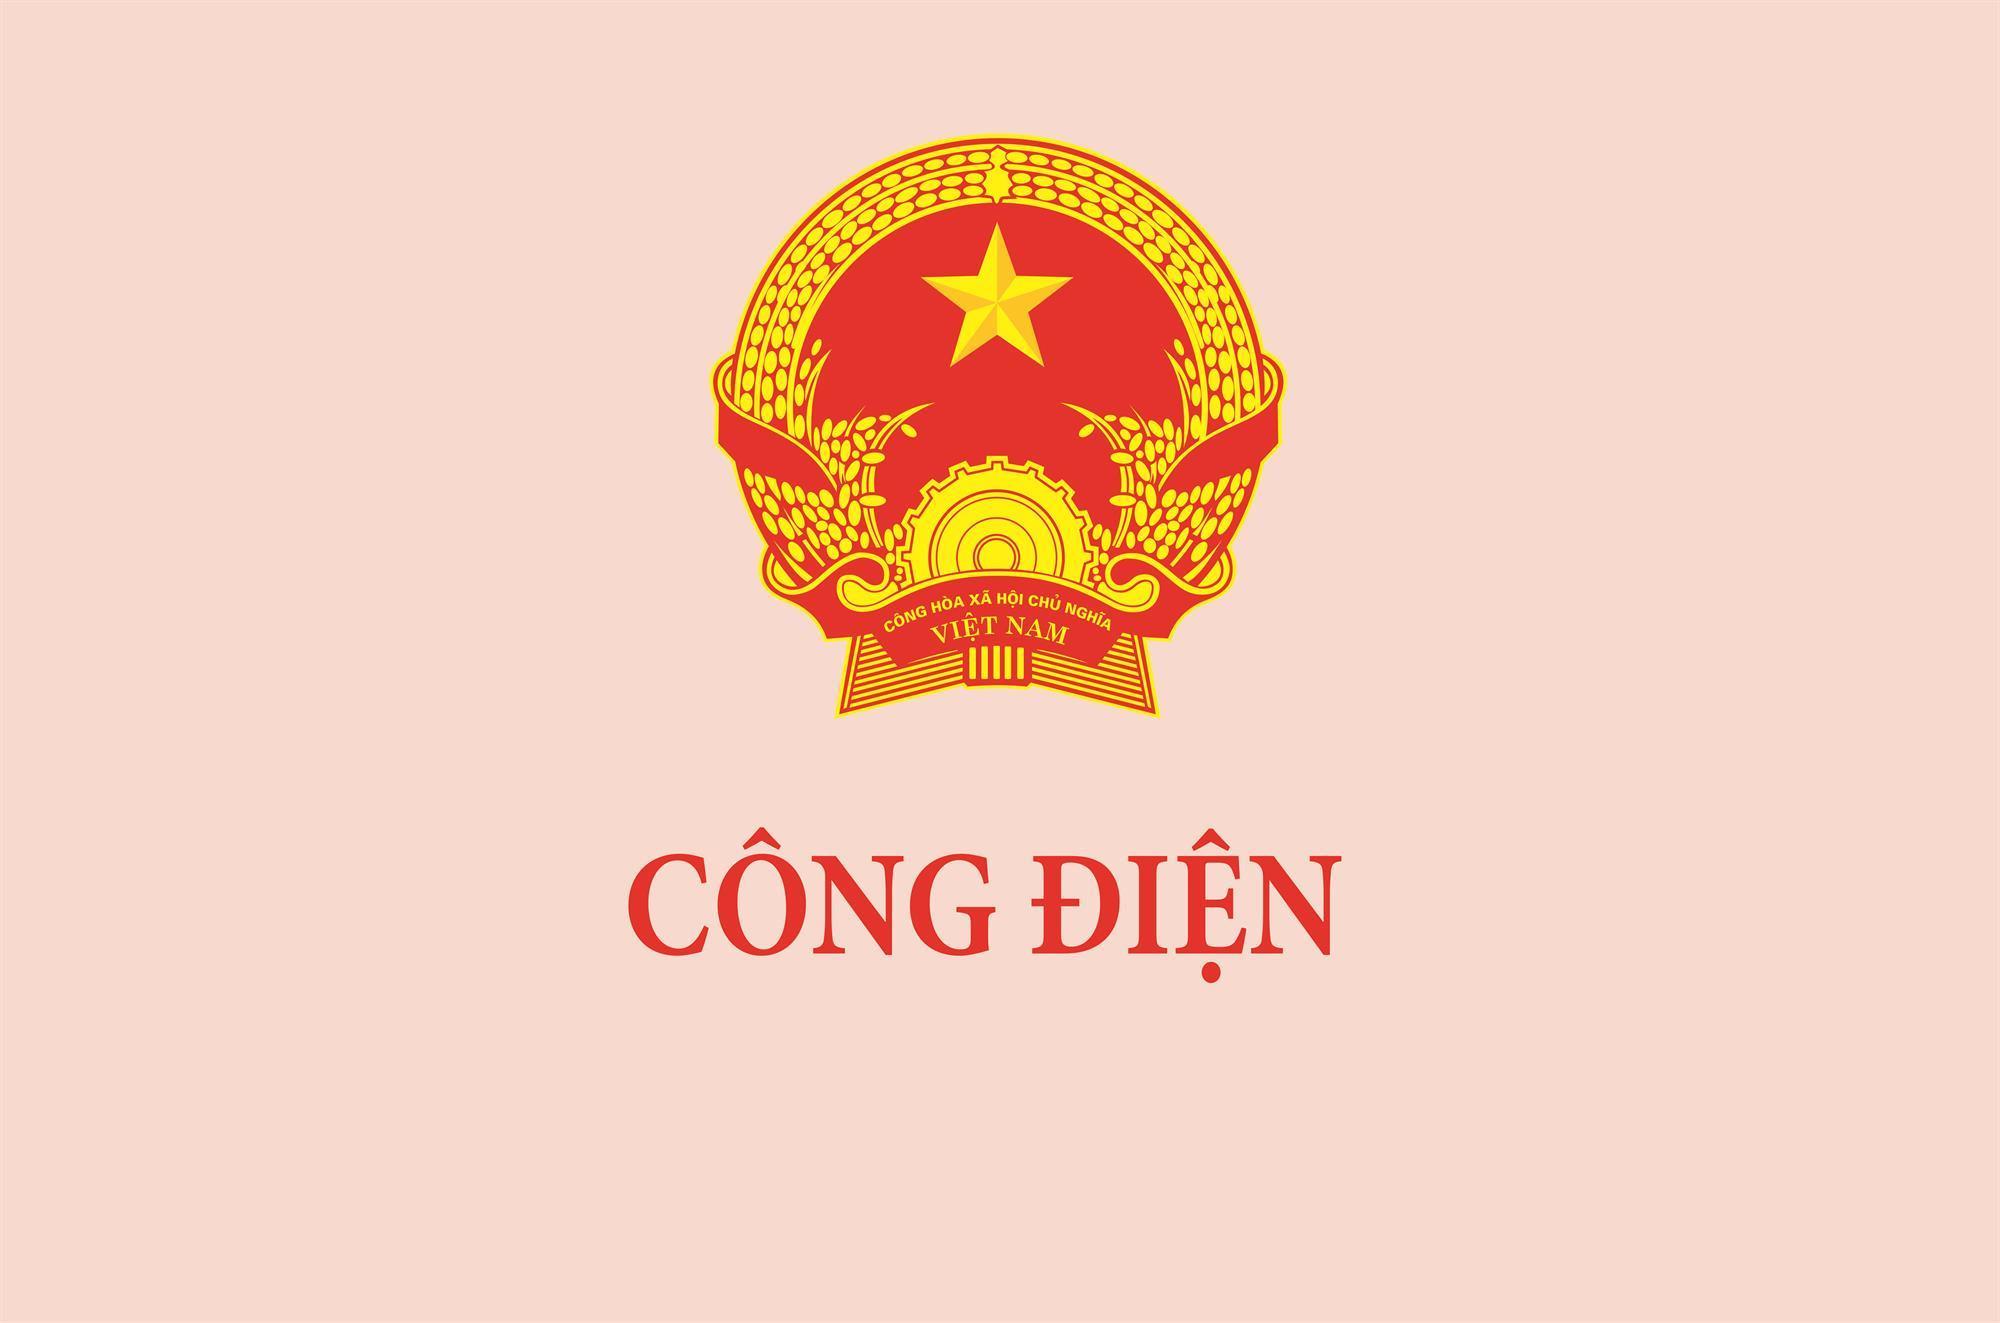 Công điện của Thủ tướng Chính phủ Nguyễn Xuân Phúc